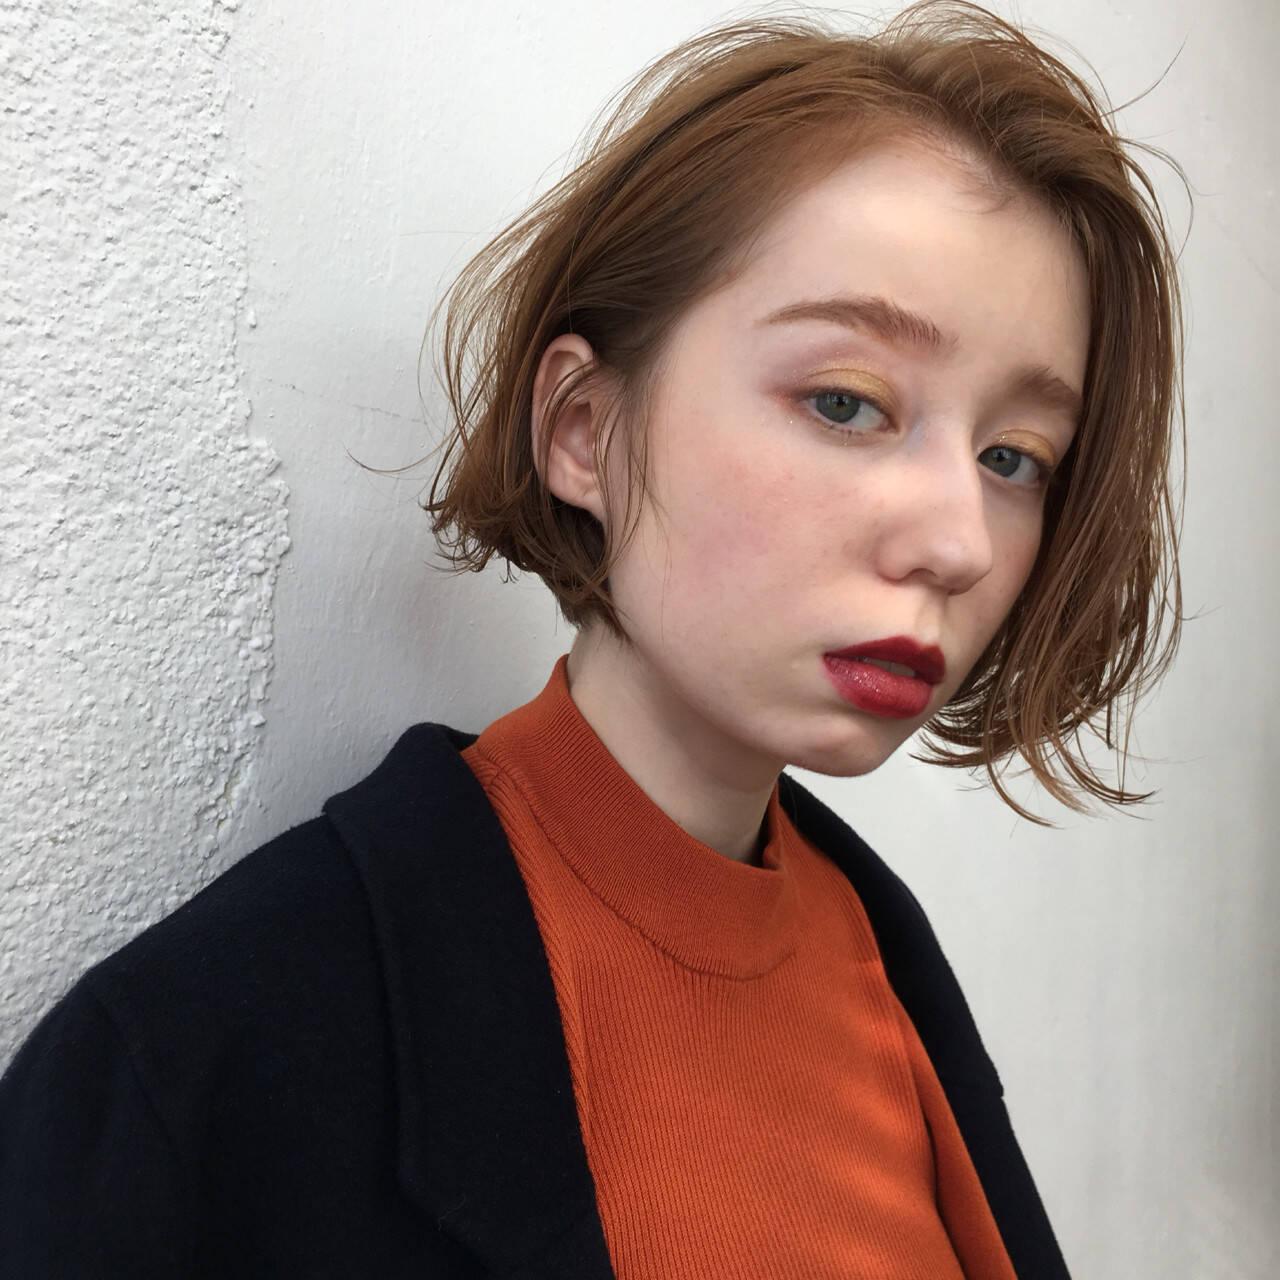 ボブ 抜け感 オレンジ イエローヘアスタイルや髪型の写真・画像